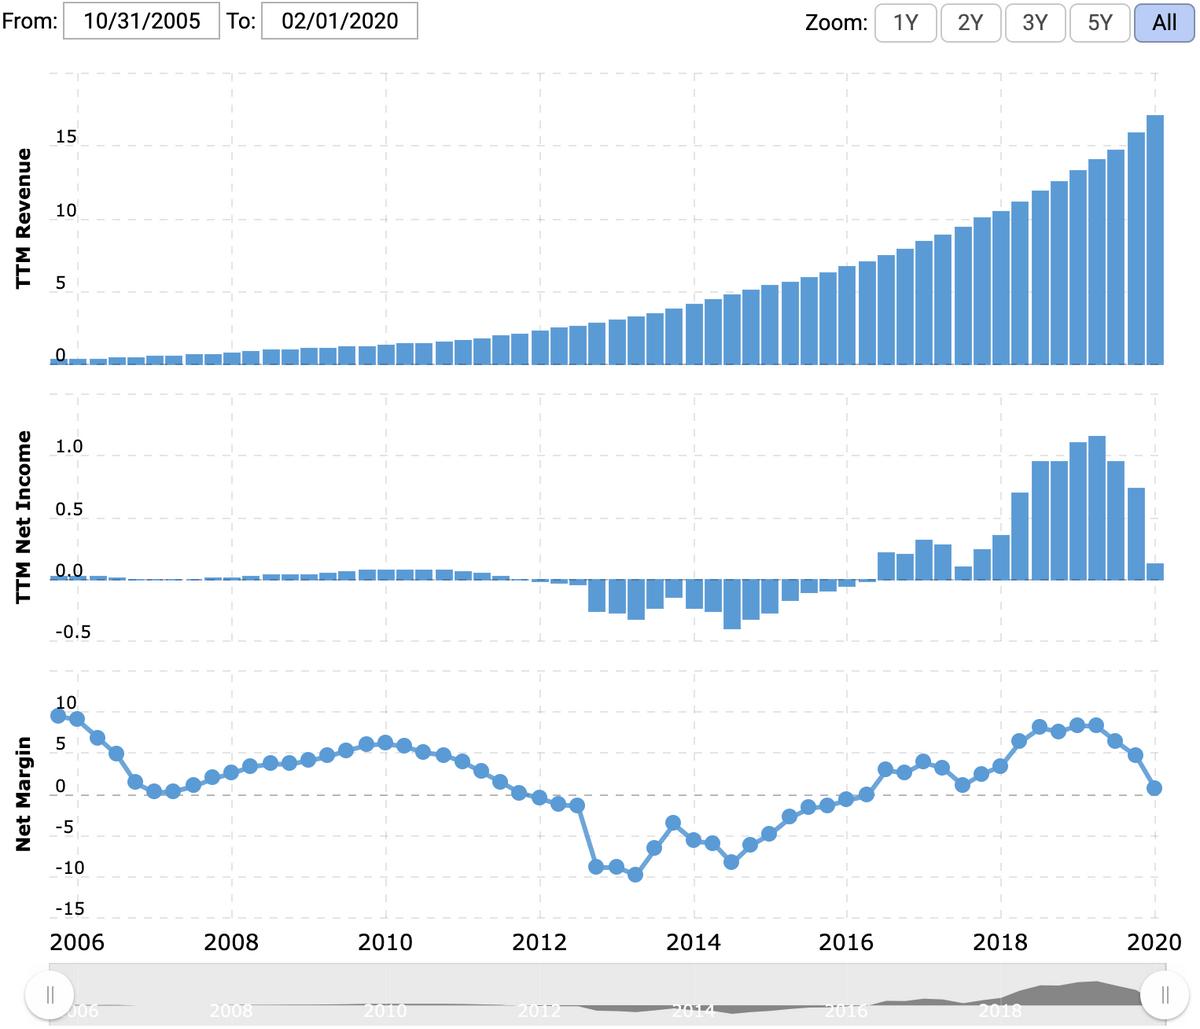 Прибыль компании за последние 12 месяцев в миллиардах долларов, итоговая маржа в процентах от выручки. Источник: Macrotrends